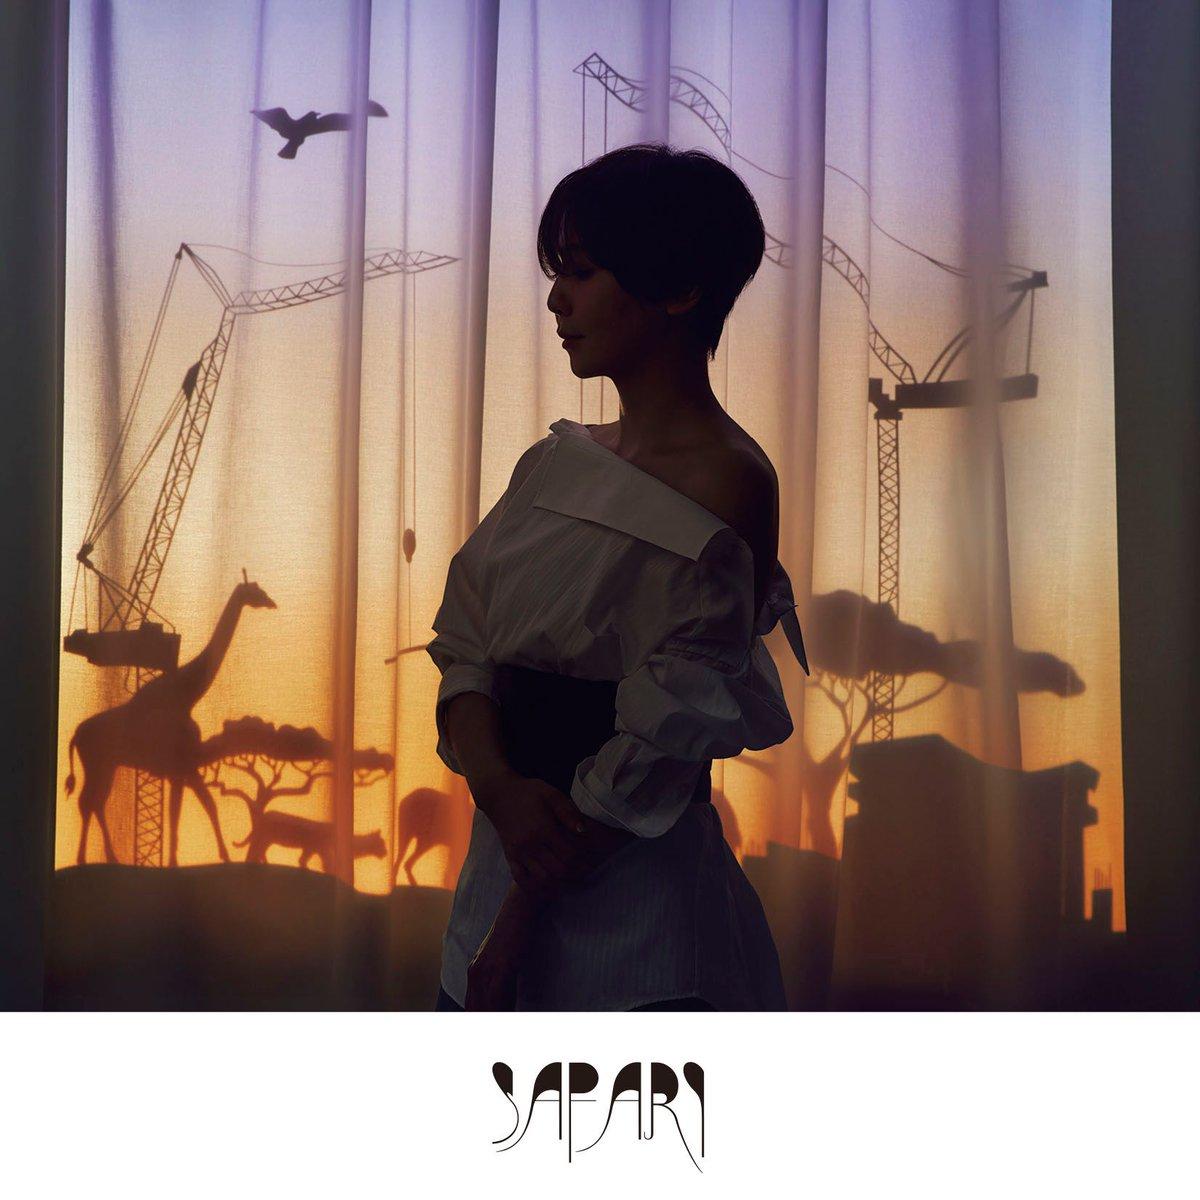 20180611.0943.16 Toki Asako - Safari cover.jpg